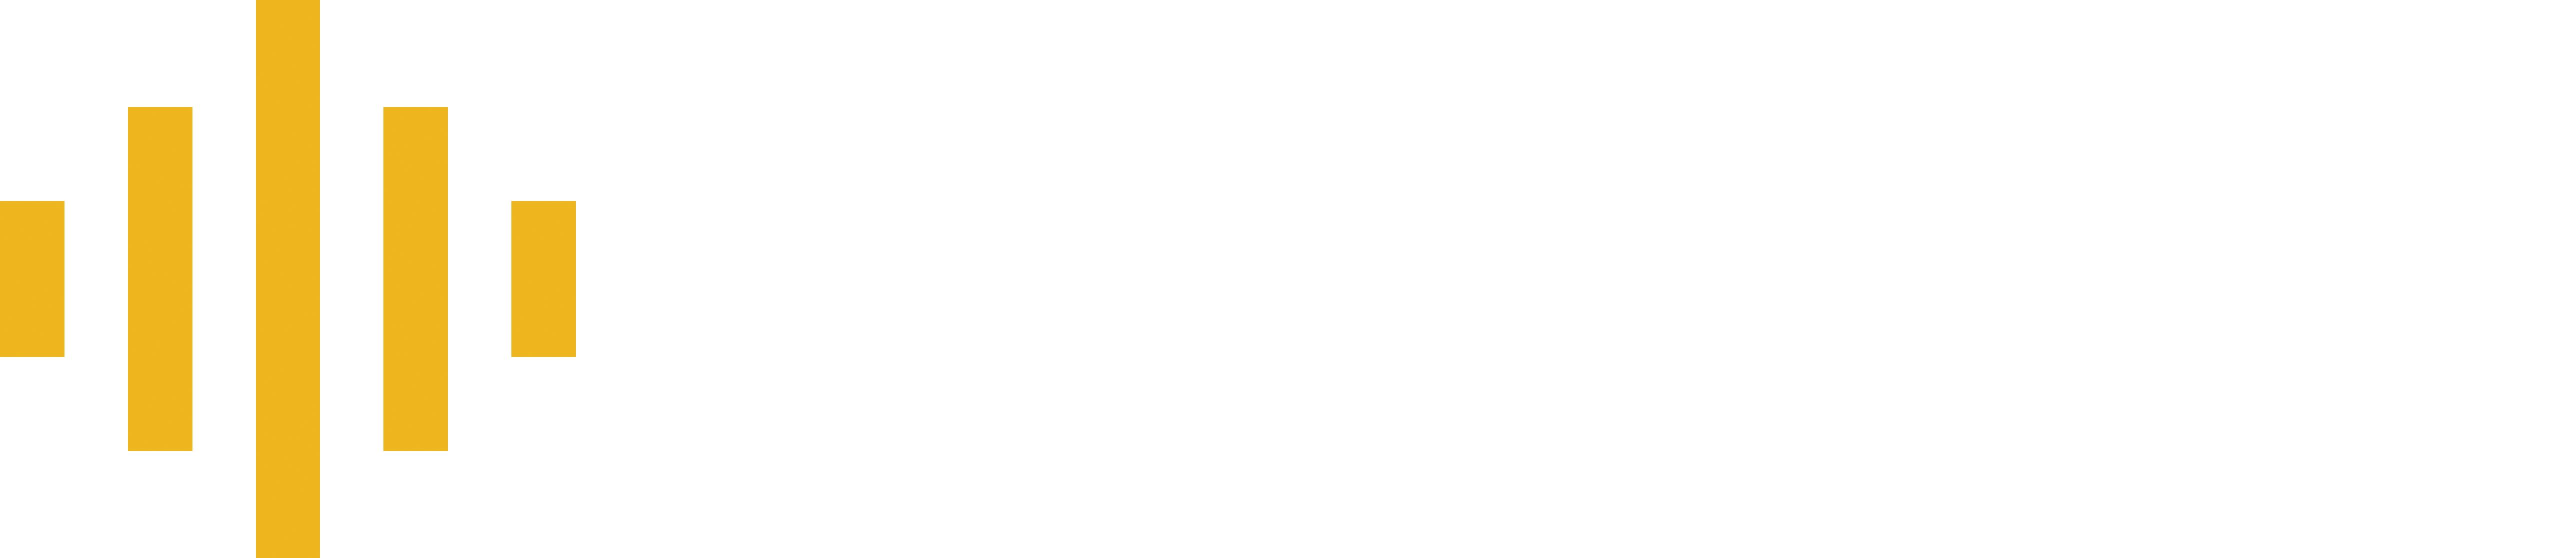 SafetyAmp logo